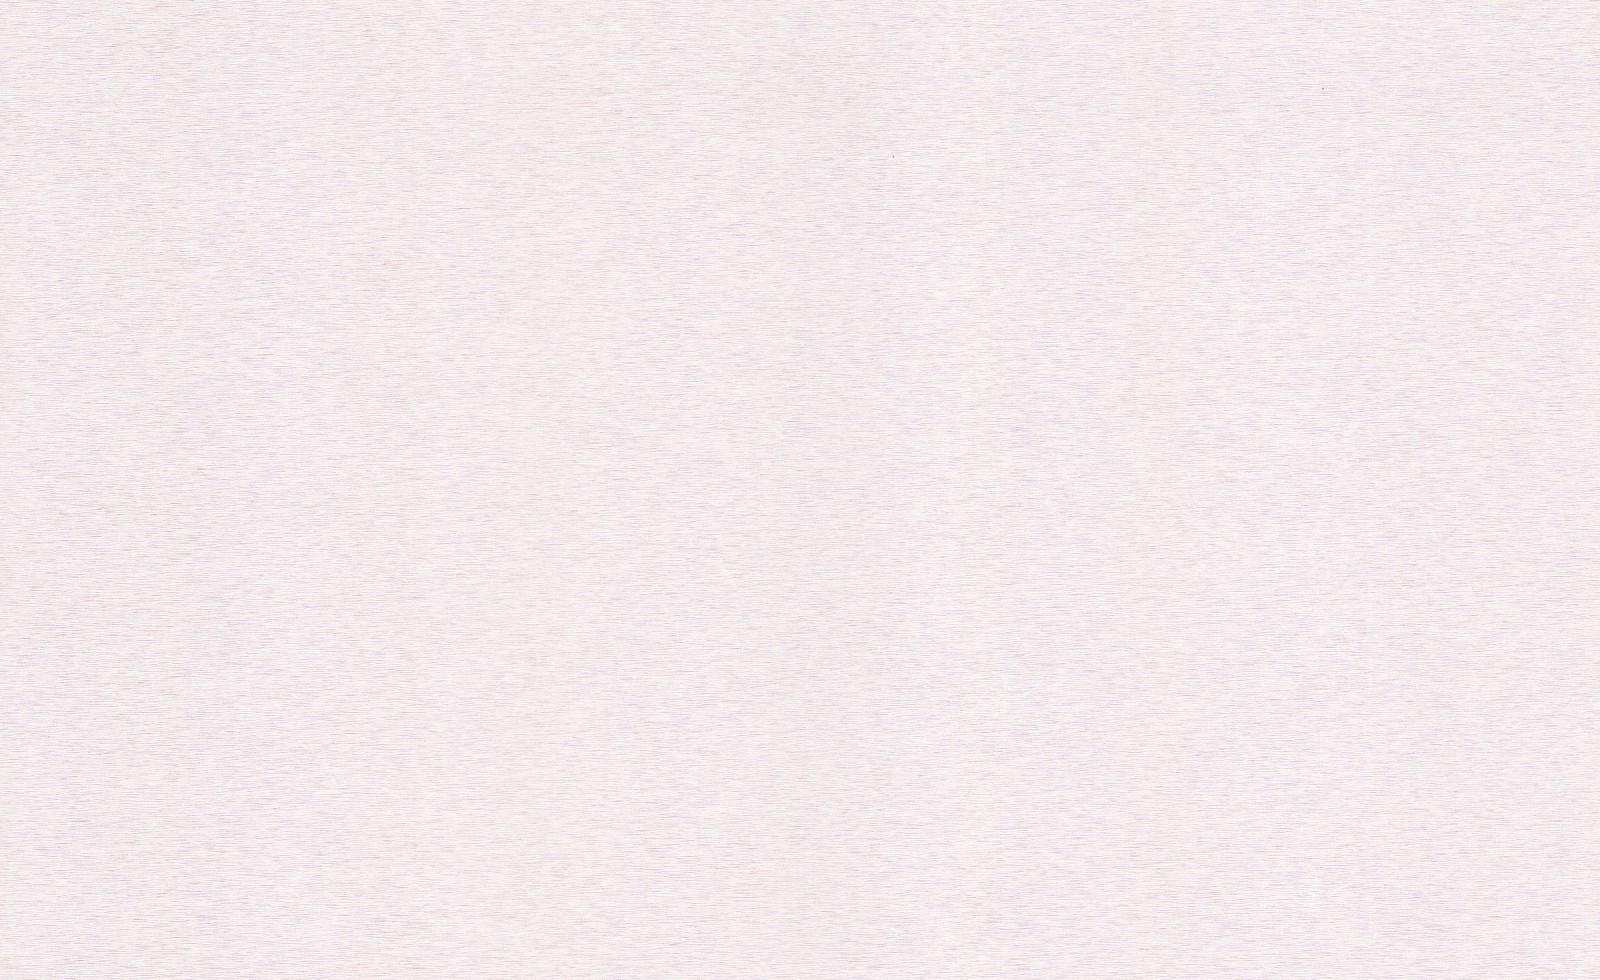 10087-01 Обои 1,06*10 м флиз гояч тисн Феи Фон роз